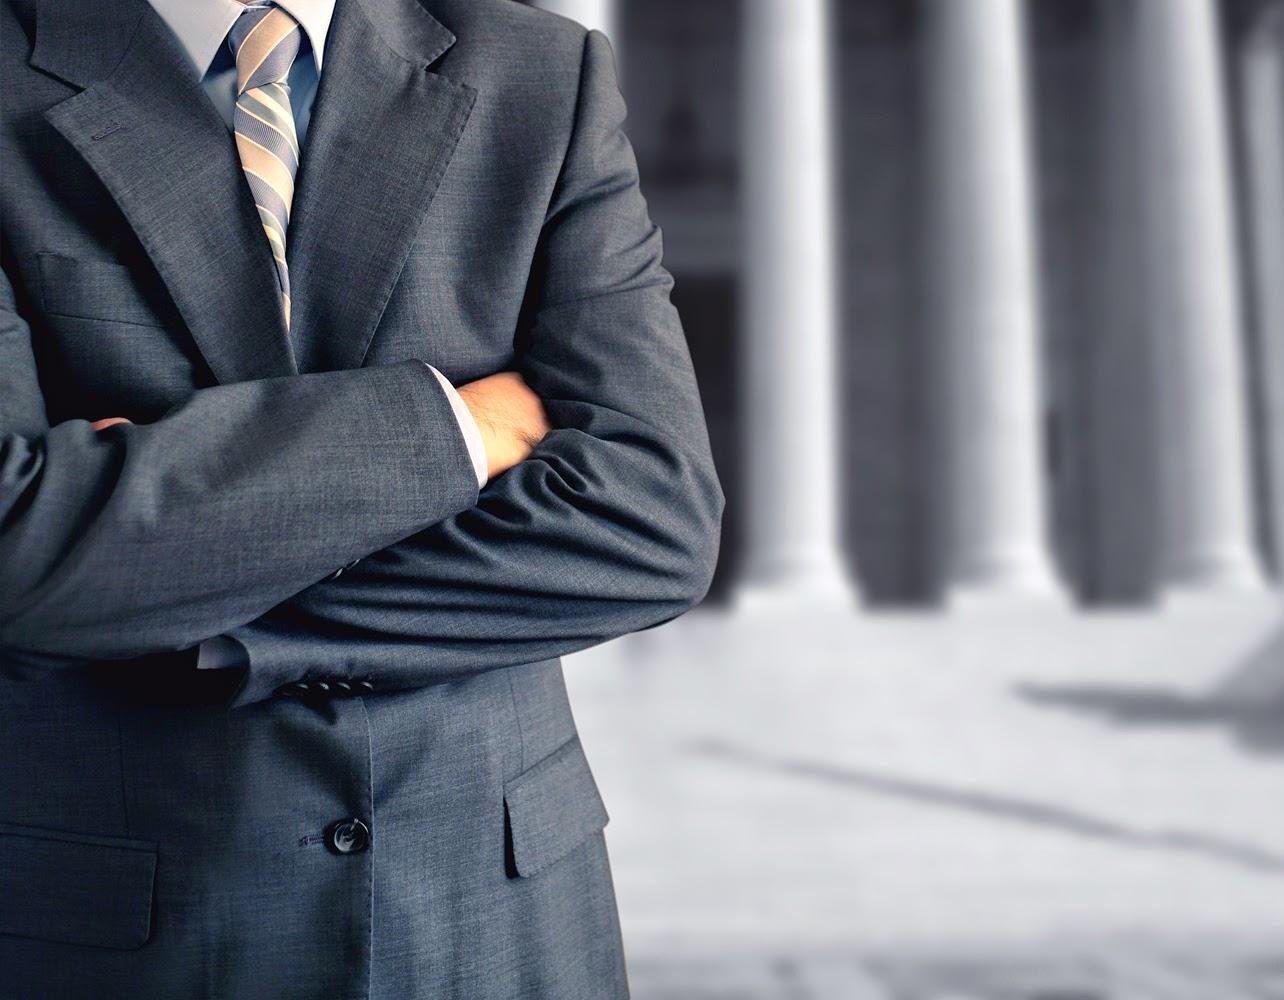 Infracciones del empresario en las relaciones laborales